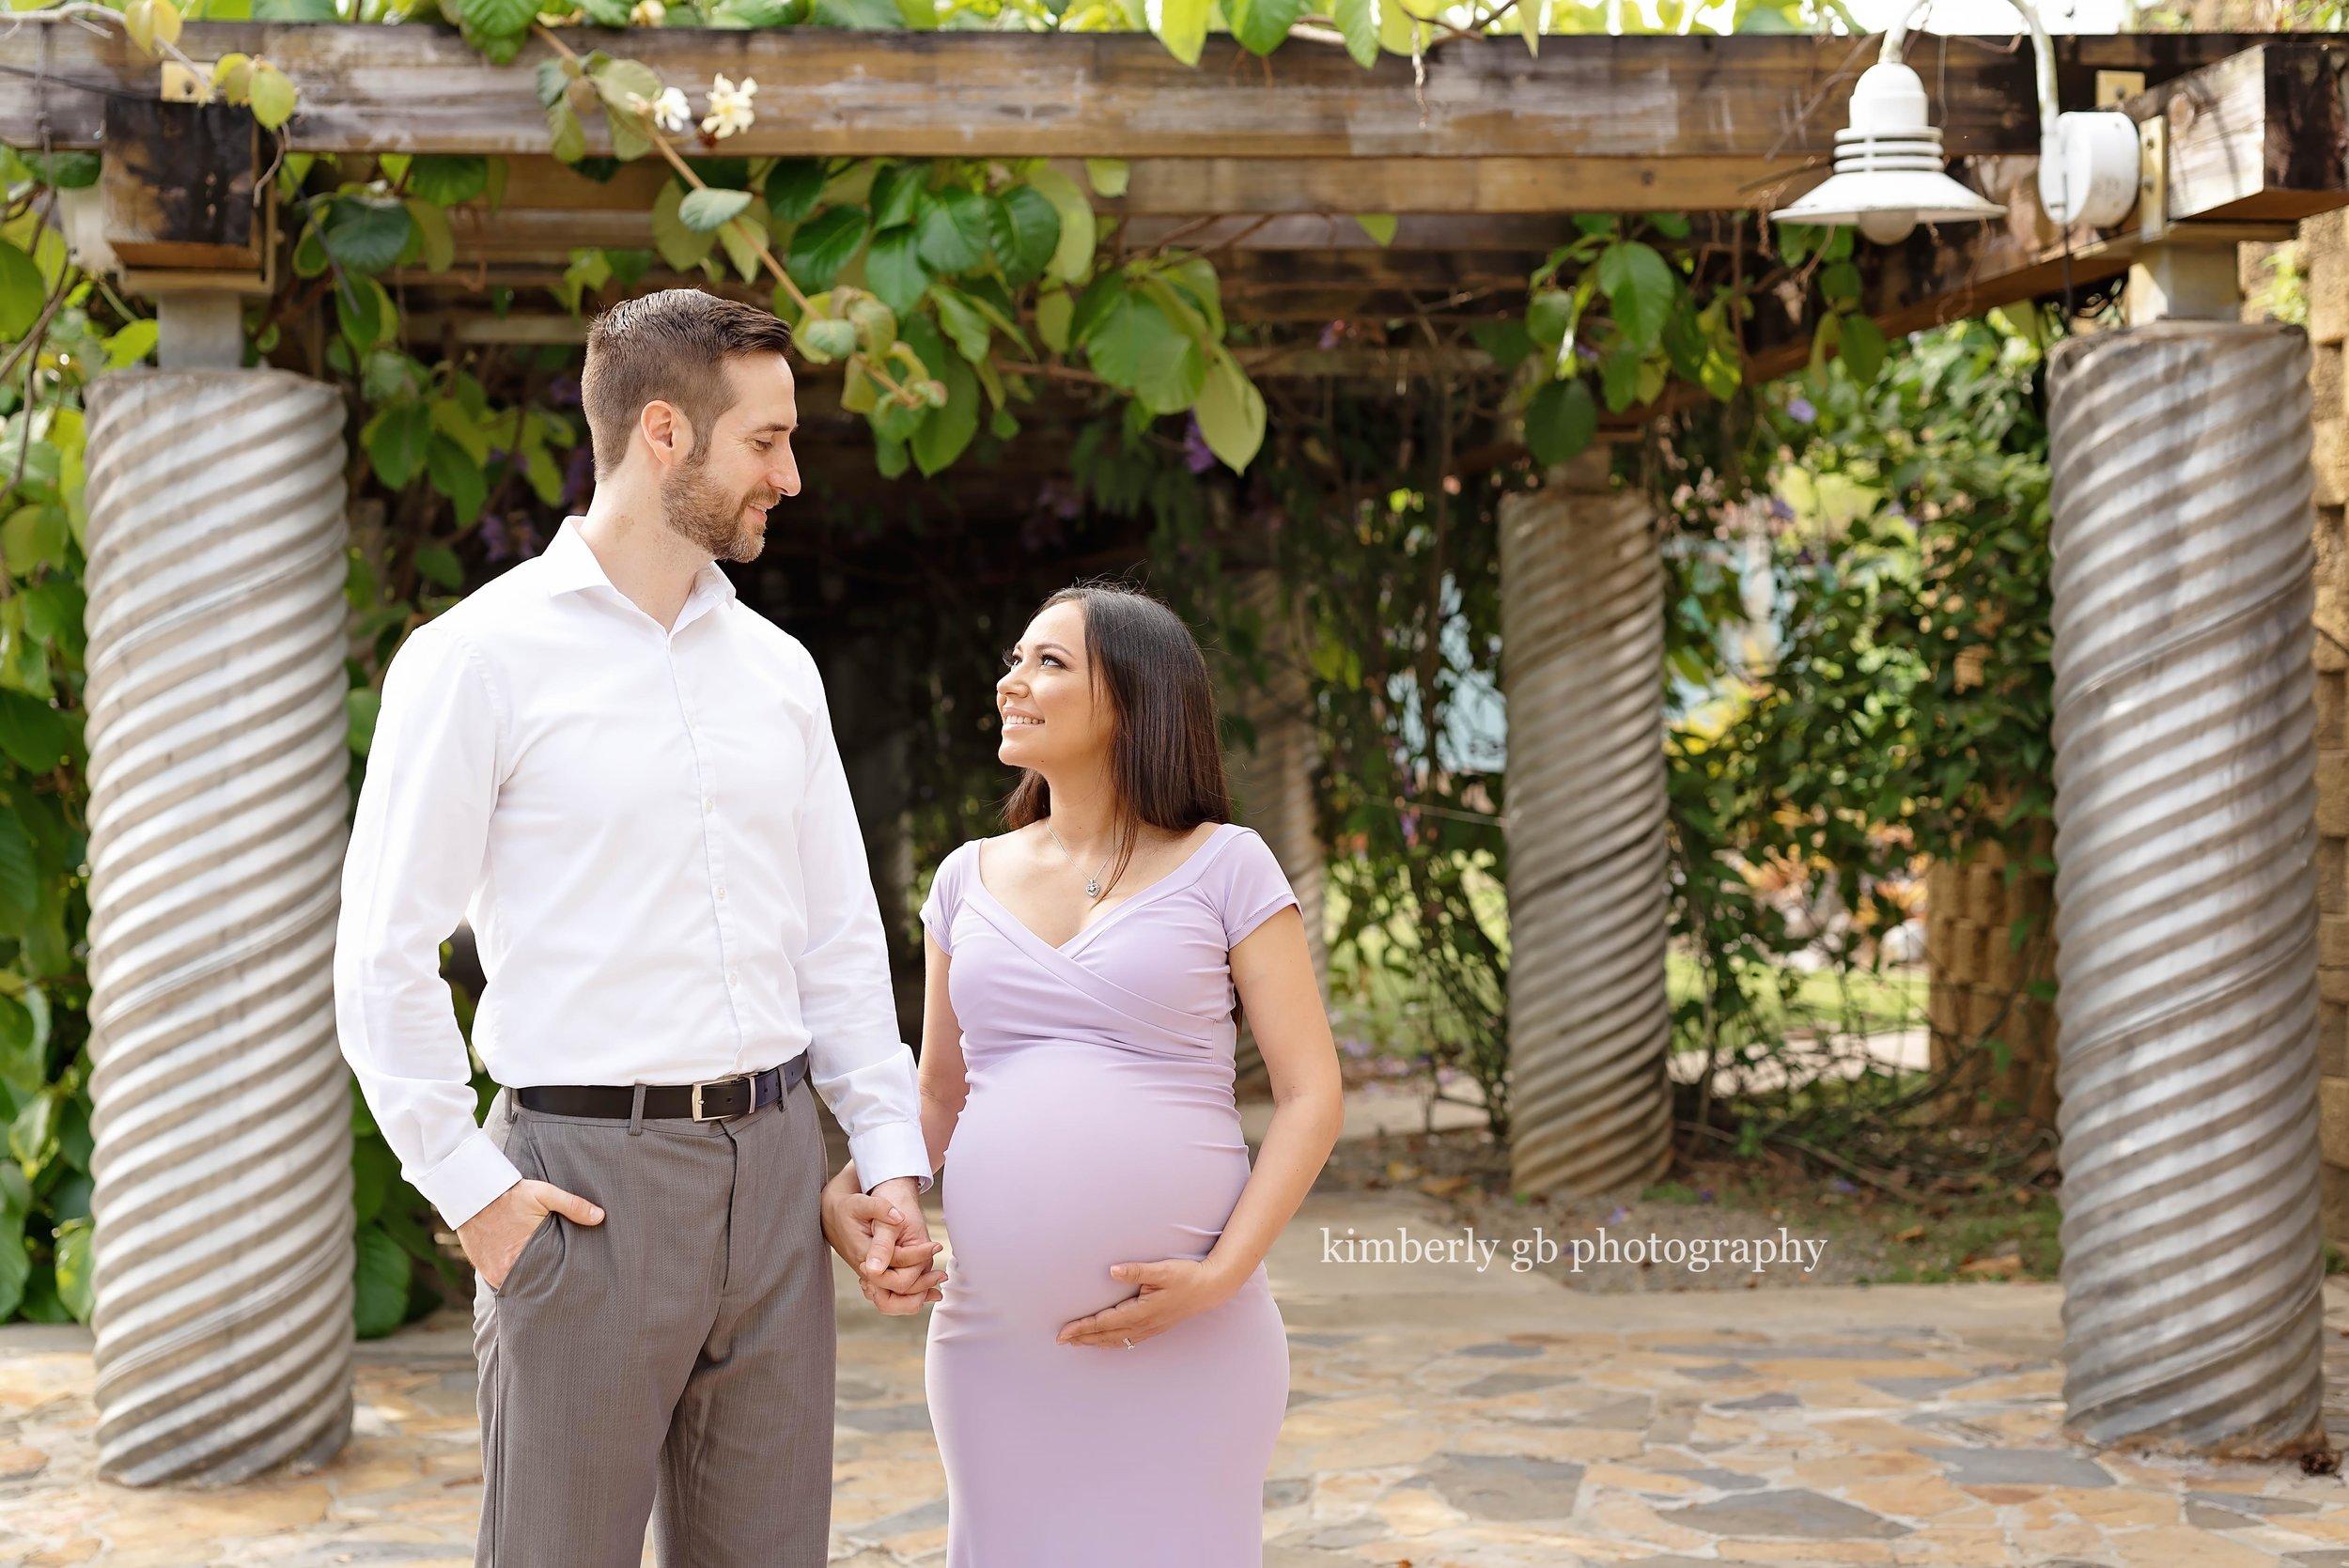 fotografia-fotografa-de-maternidad-embarazo-embarazada-en-puerto-rico-fotografia-182.jpg